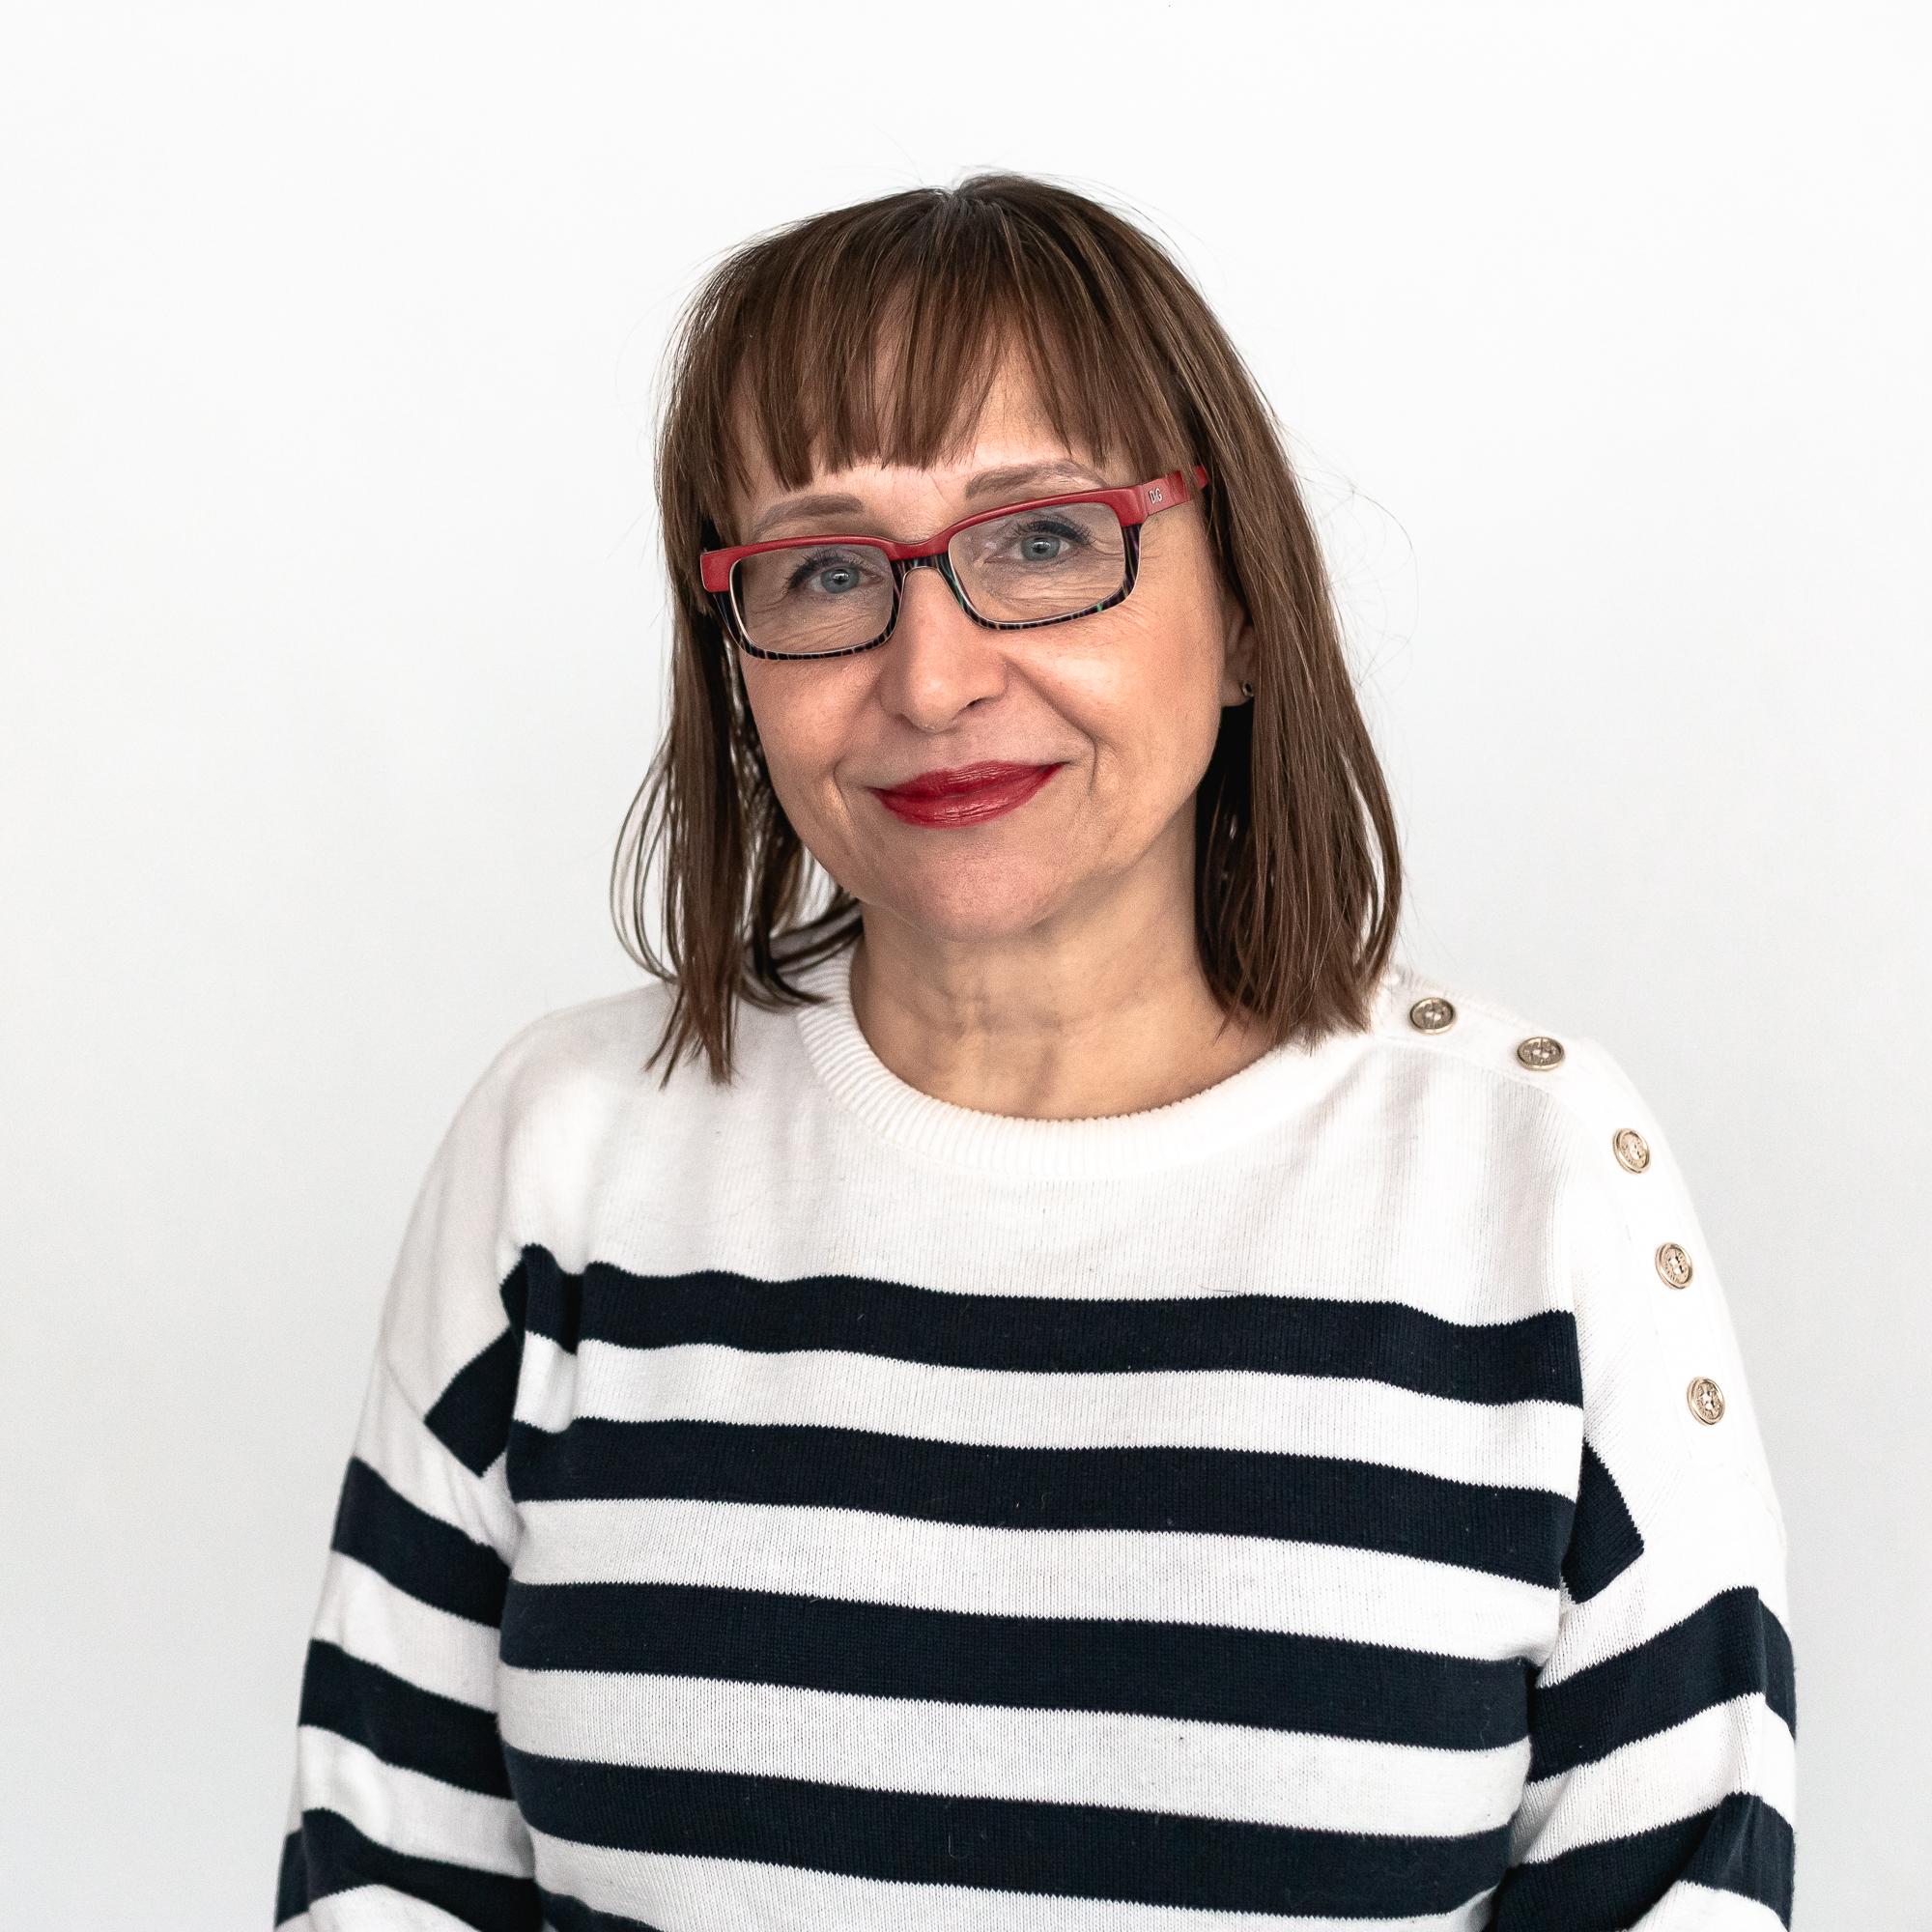 Izabela Karwacka-Cupiał